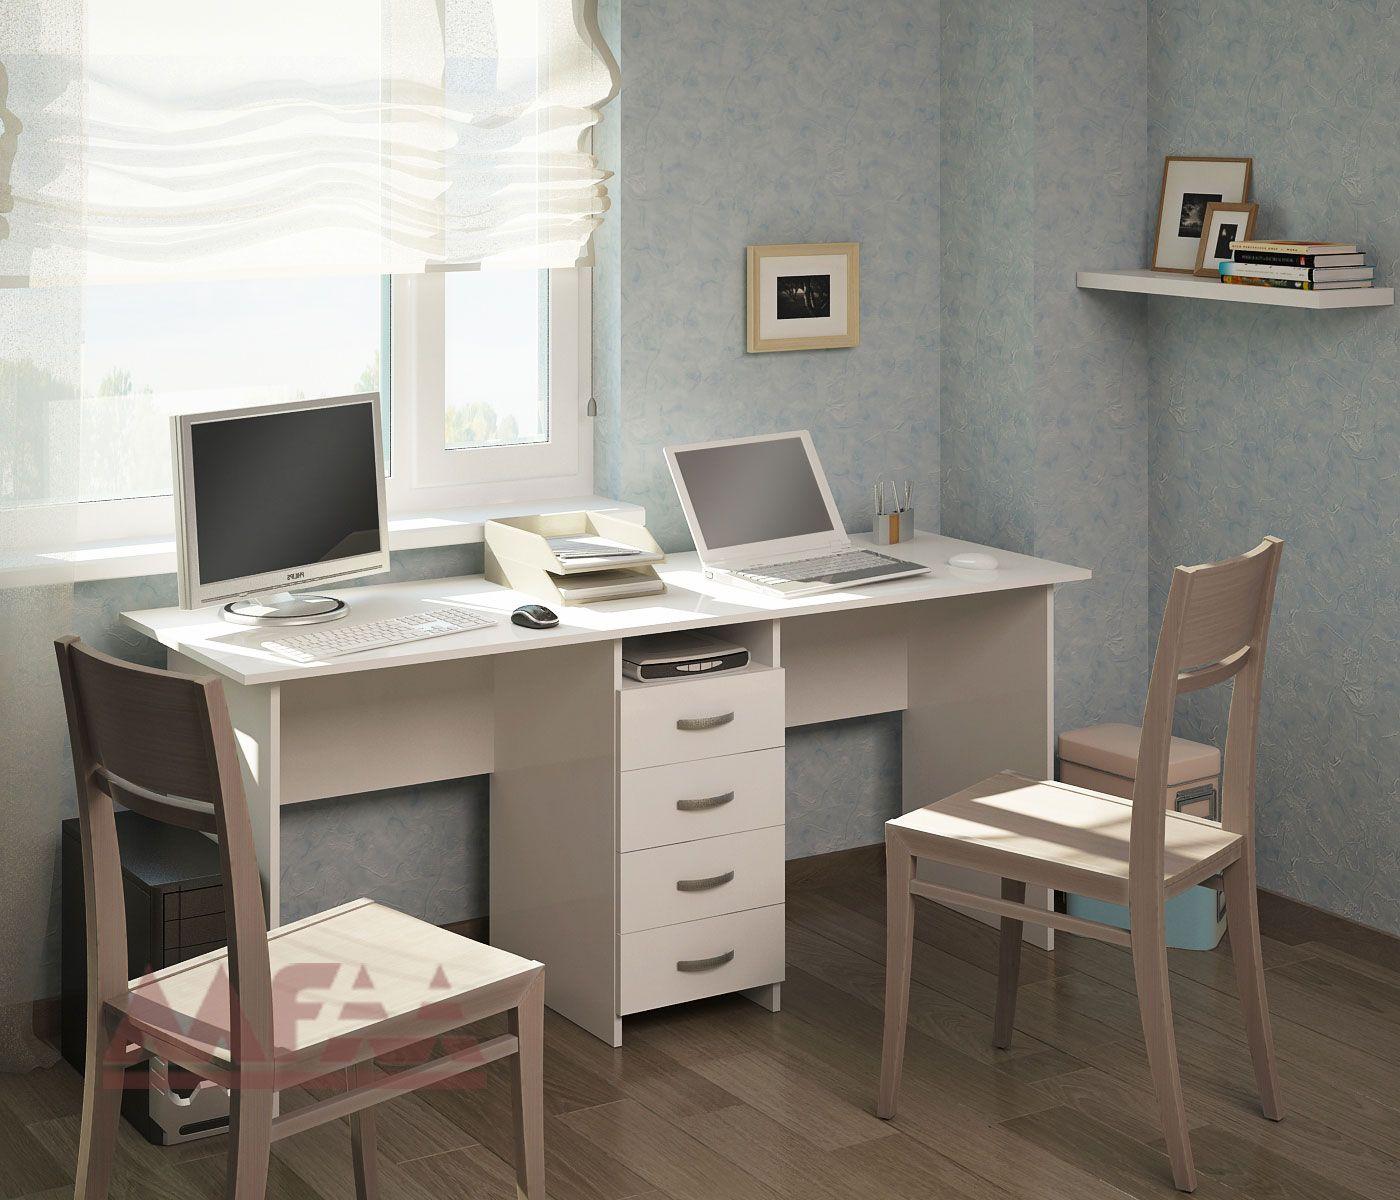 письменный стол для школьника у окна фото